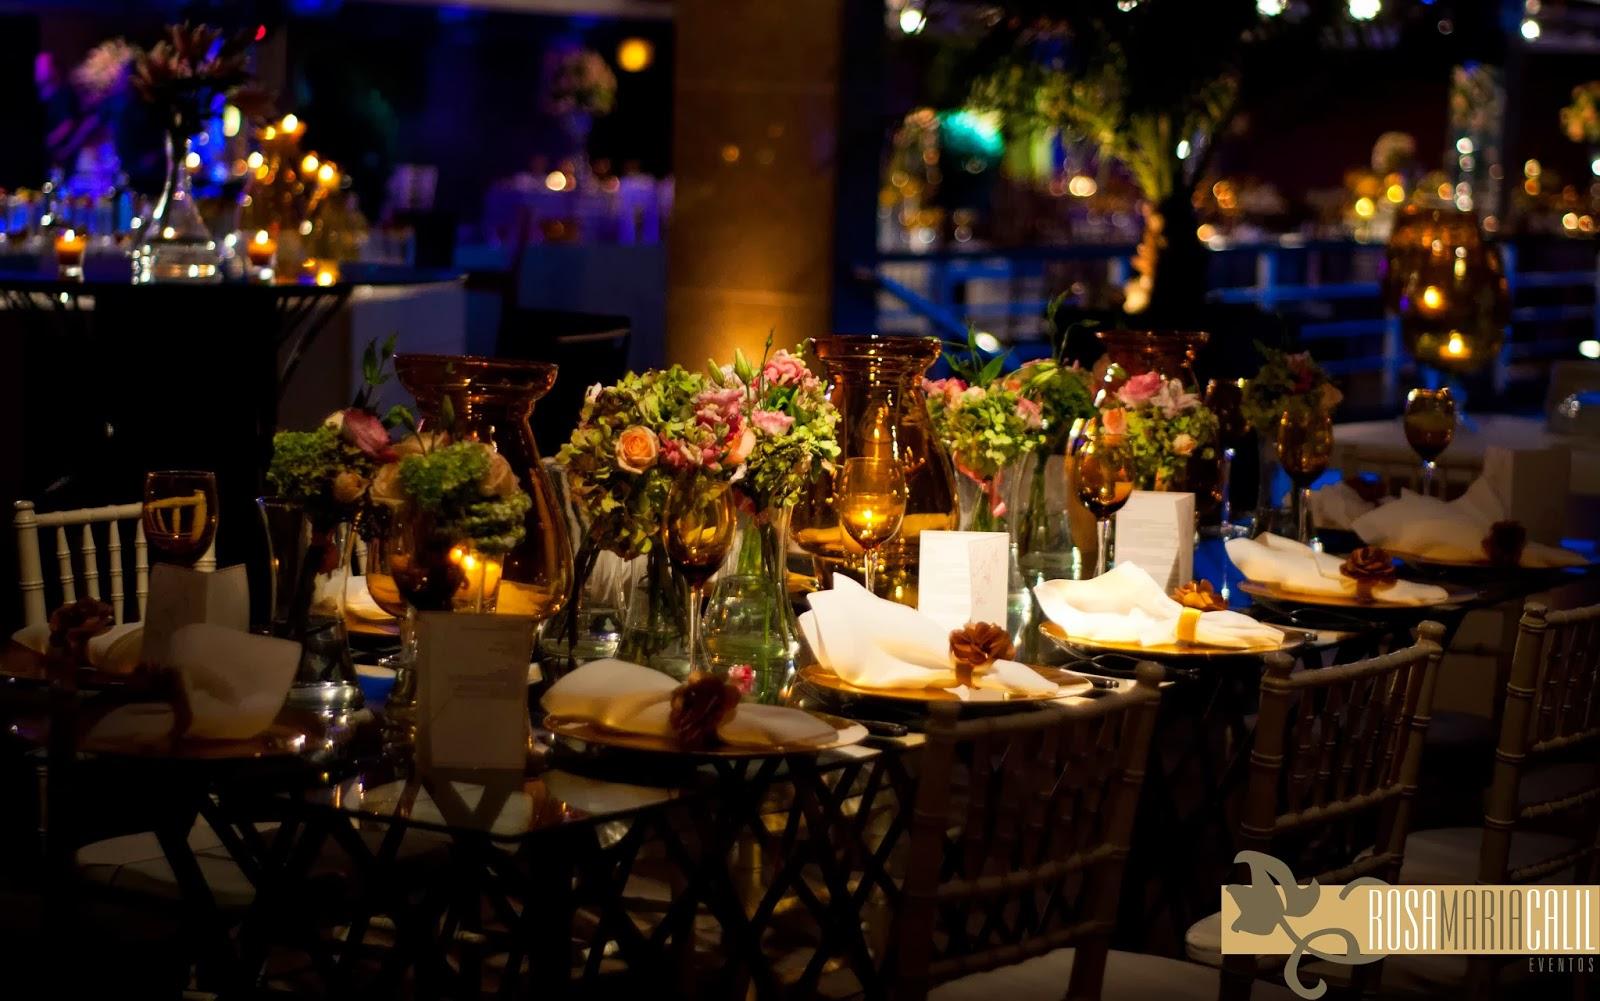 arranjos delicados em tons suaves de rosa, velas, vidro âmbar, decoração